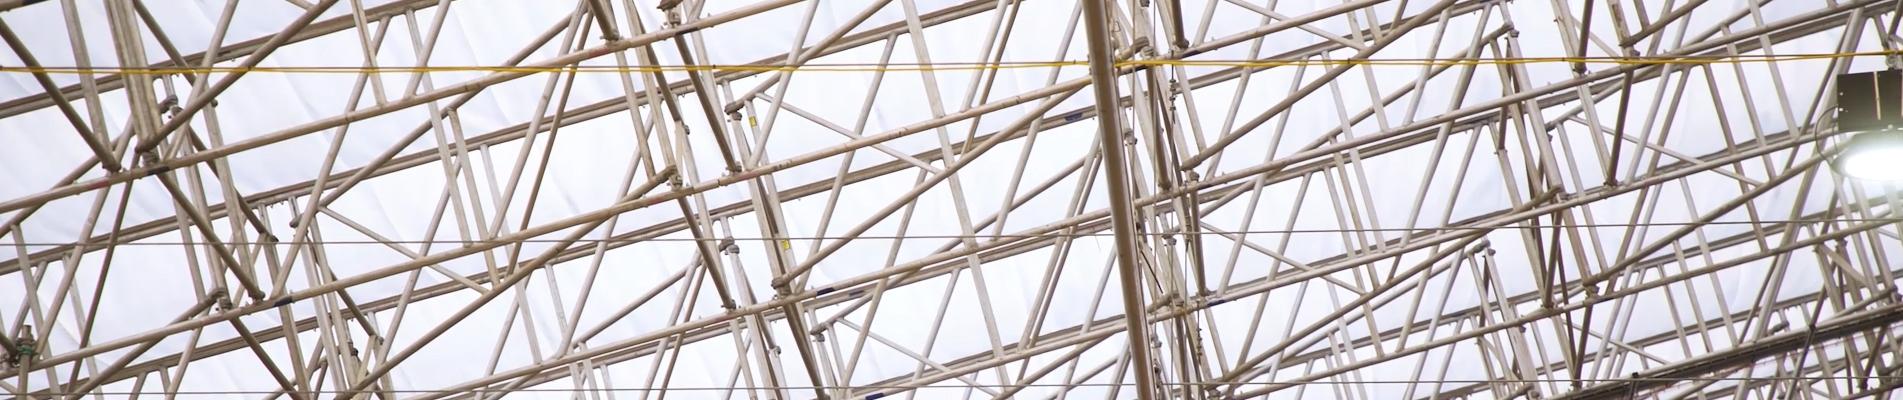 Entyce videography partnership for Palmers Scaffolding UK Ltd